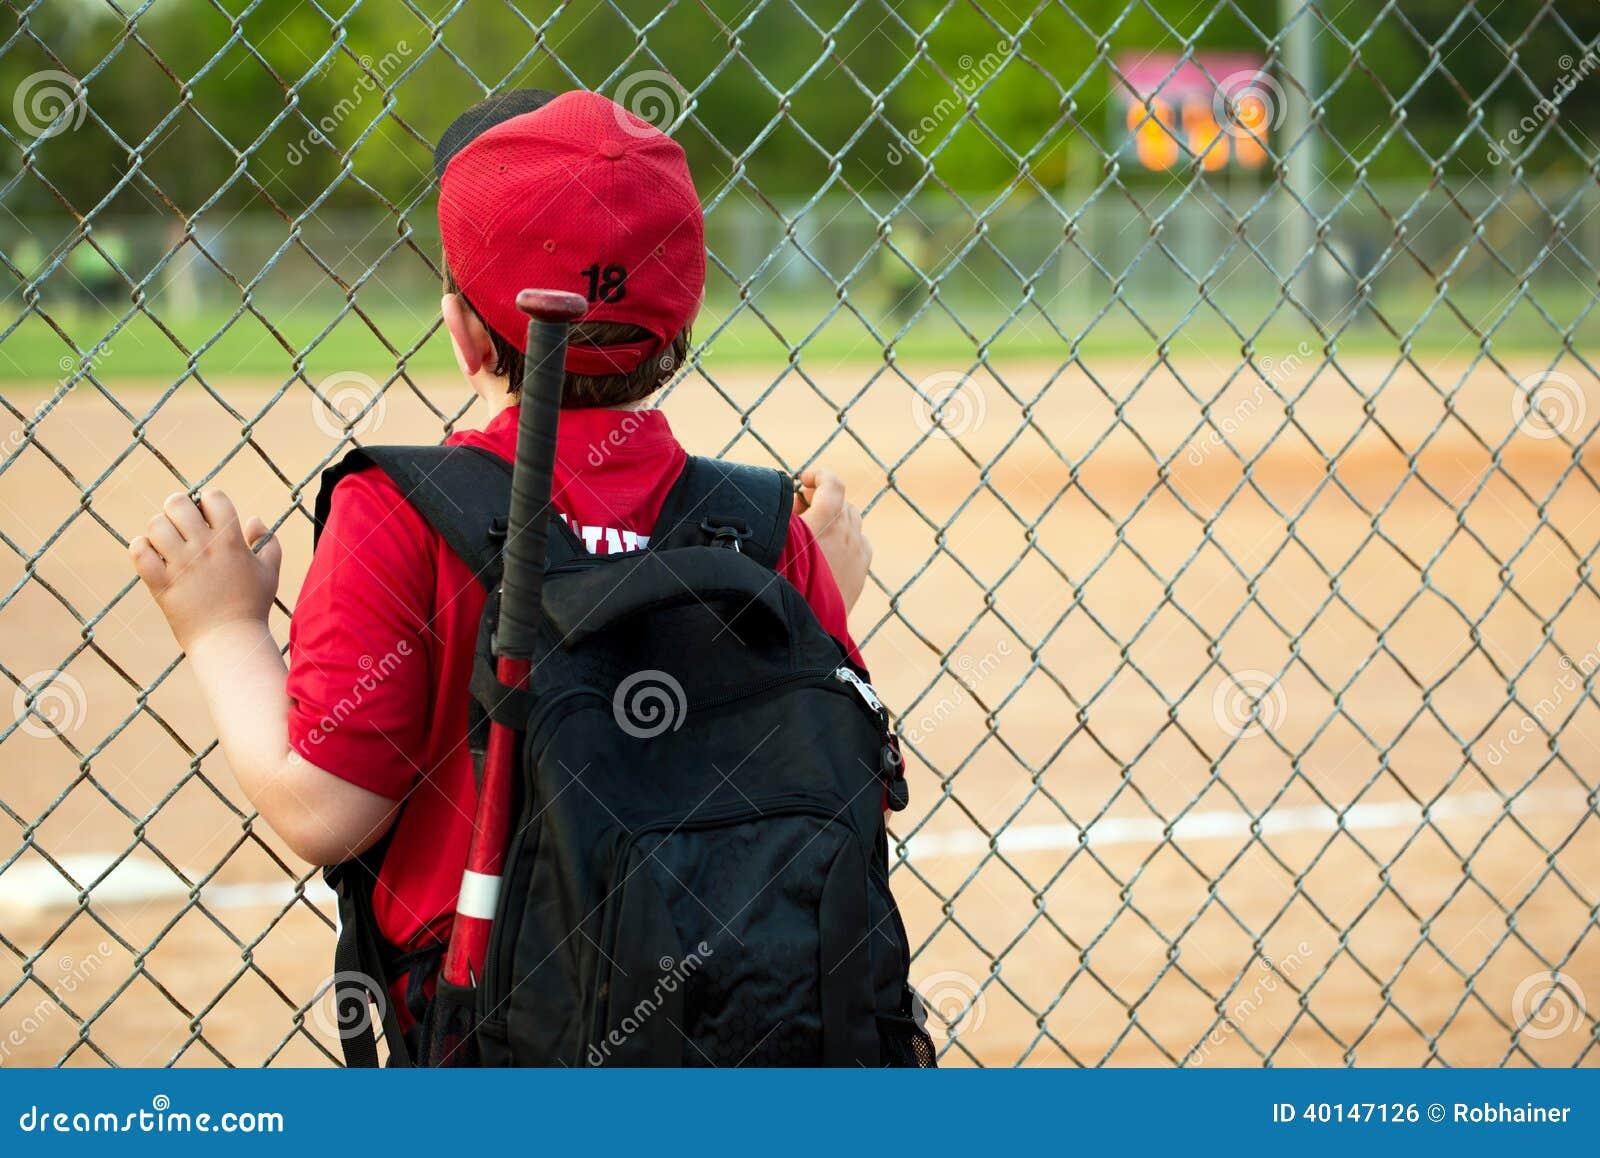 Game Baseball Teen Dreams Come 79